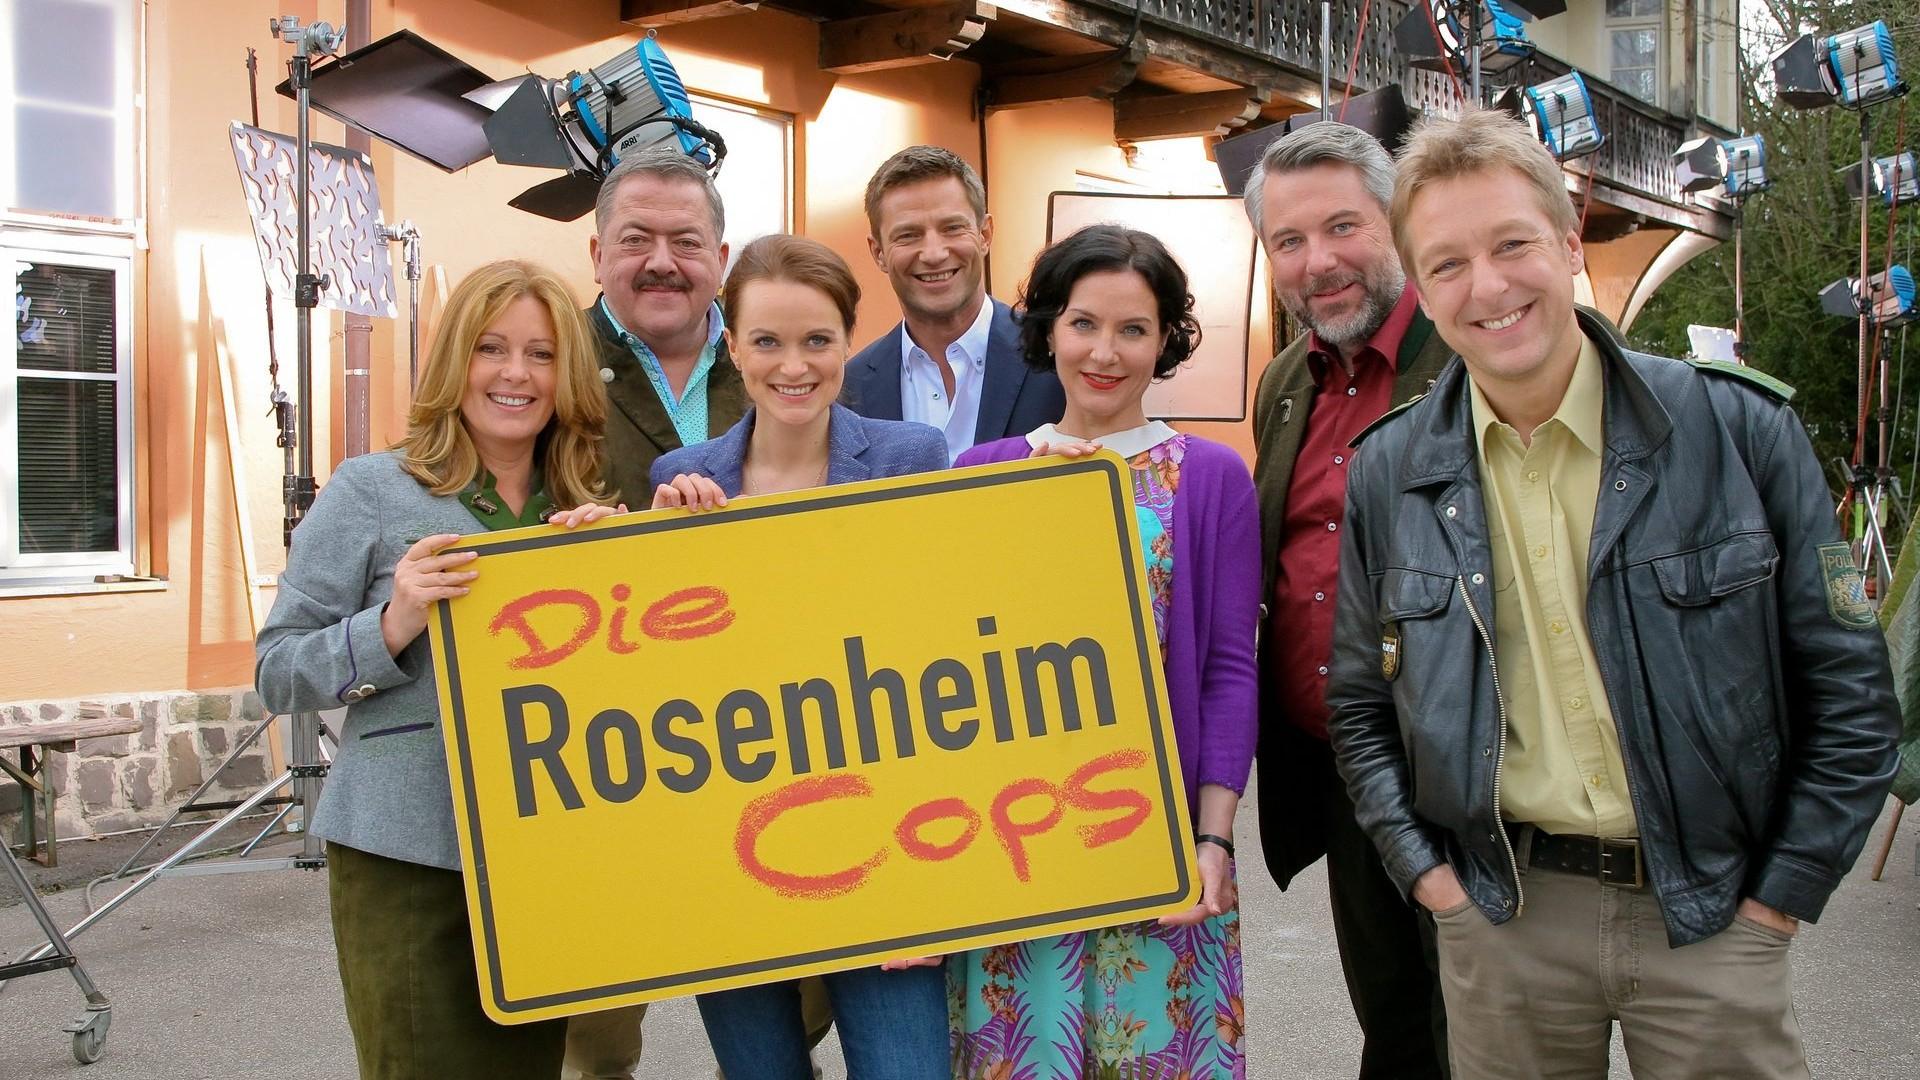 Rosenheimcops